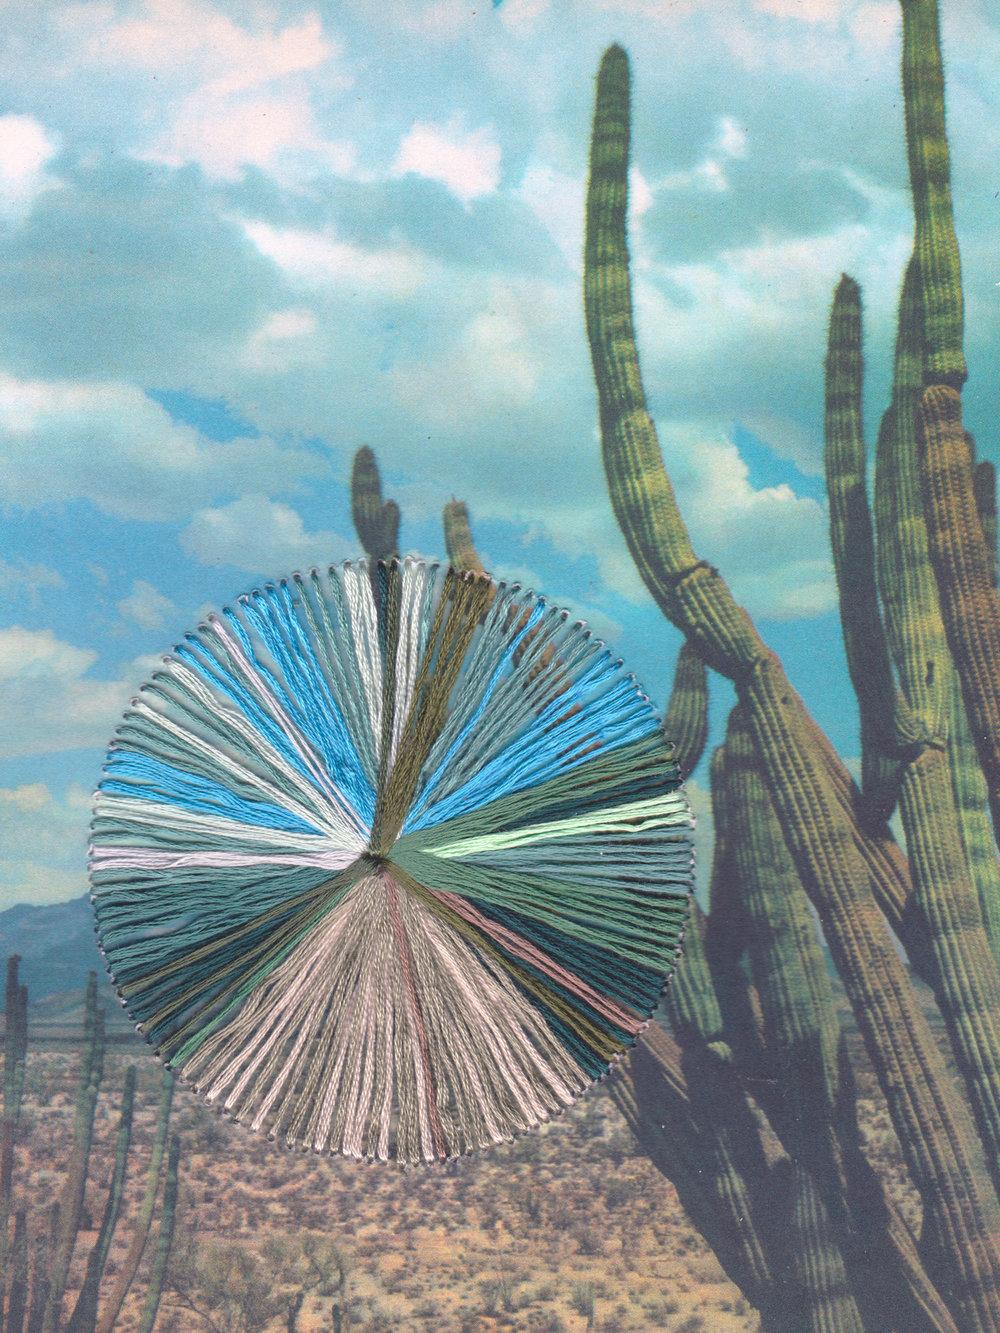 Cactus_Retreat_300dpi.jpg